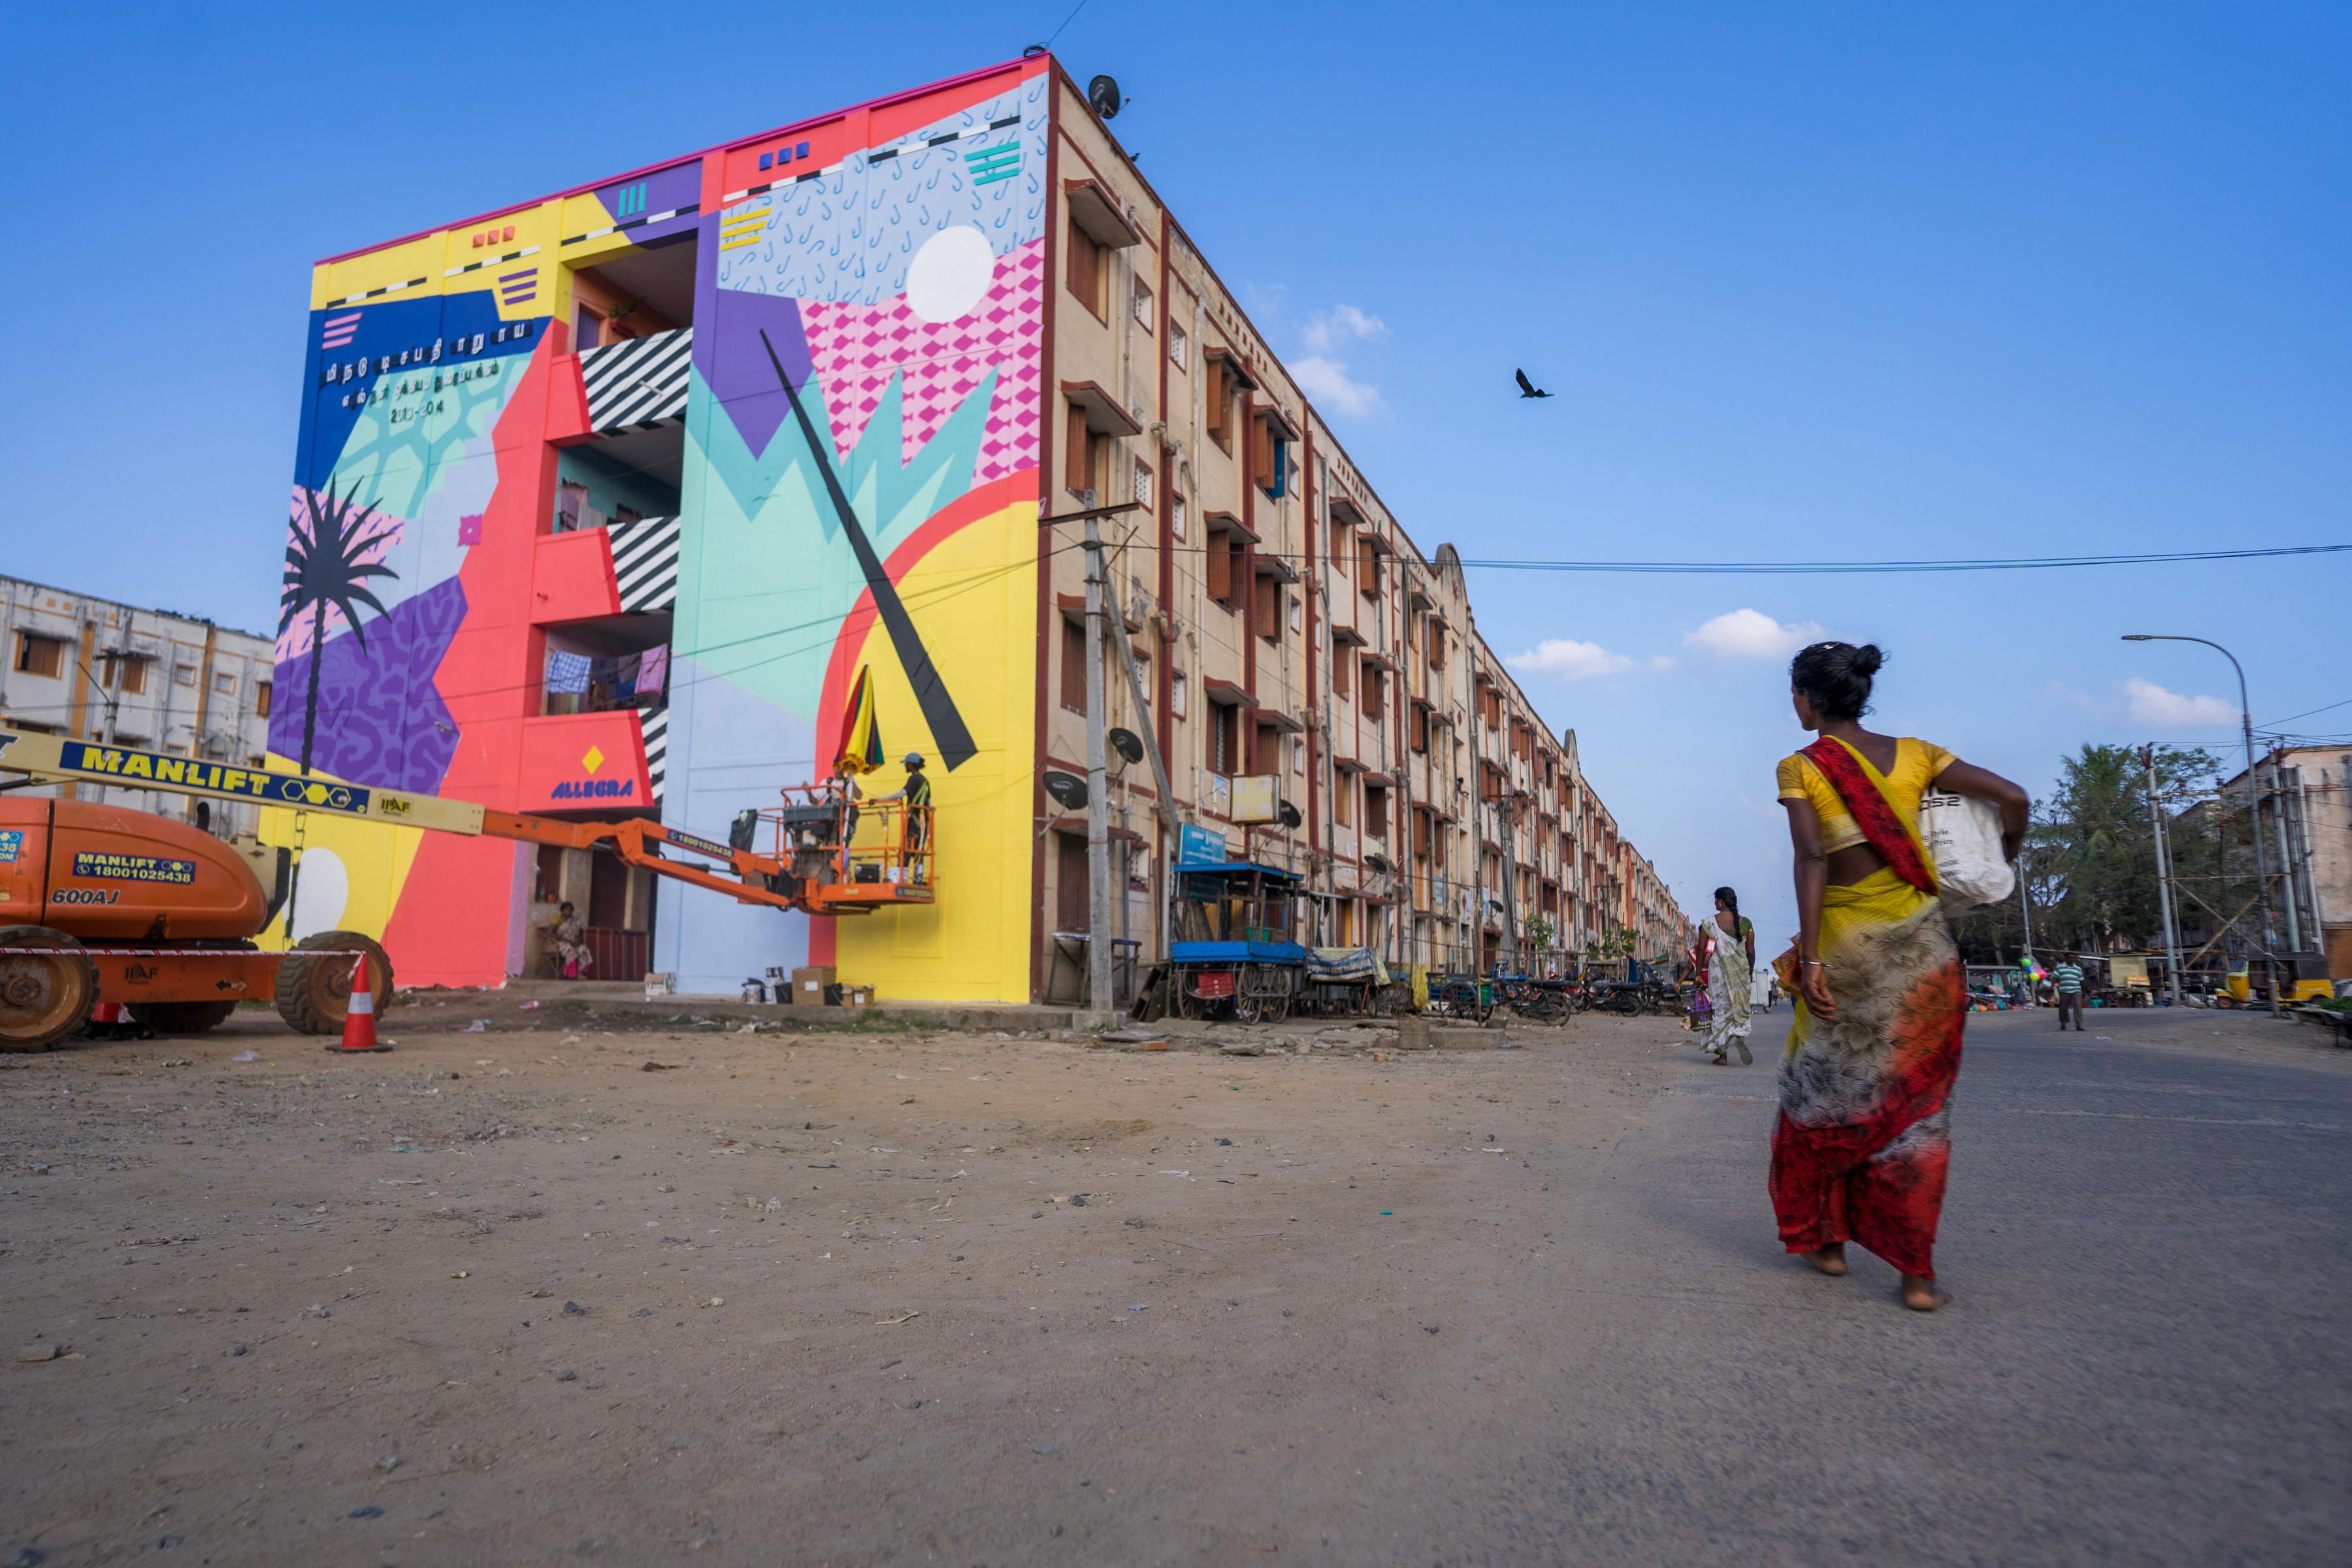 Antonio WIP Kannagi Art Dist St Art Chennai 2020 Pranav Gohil 12